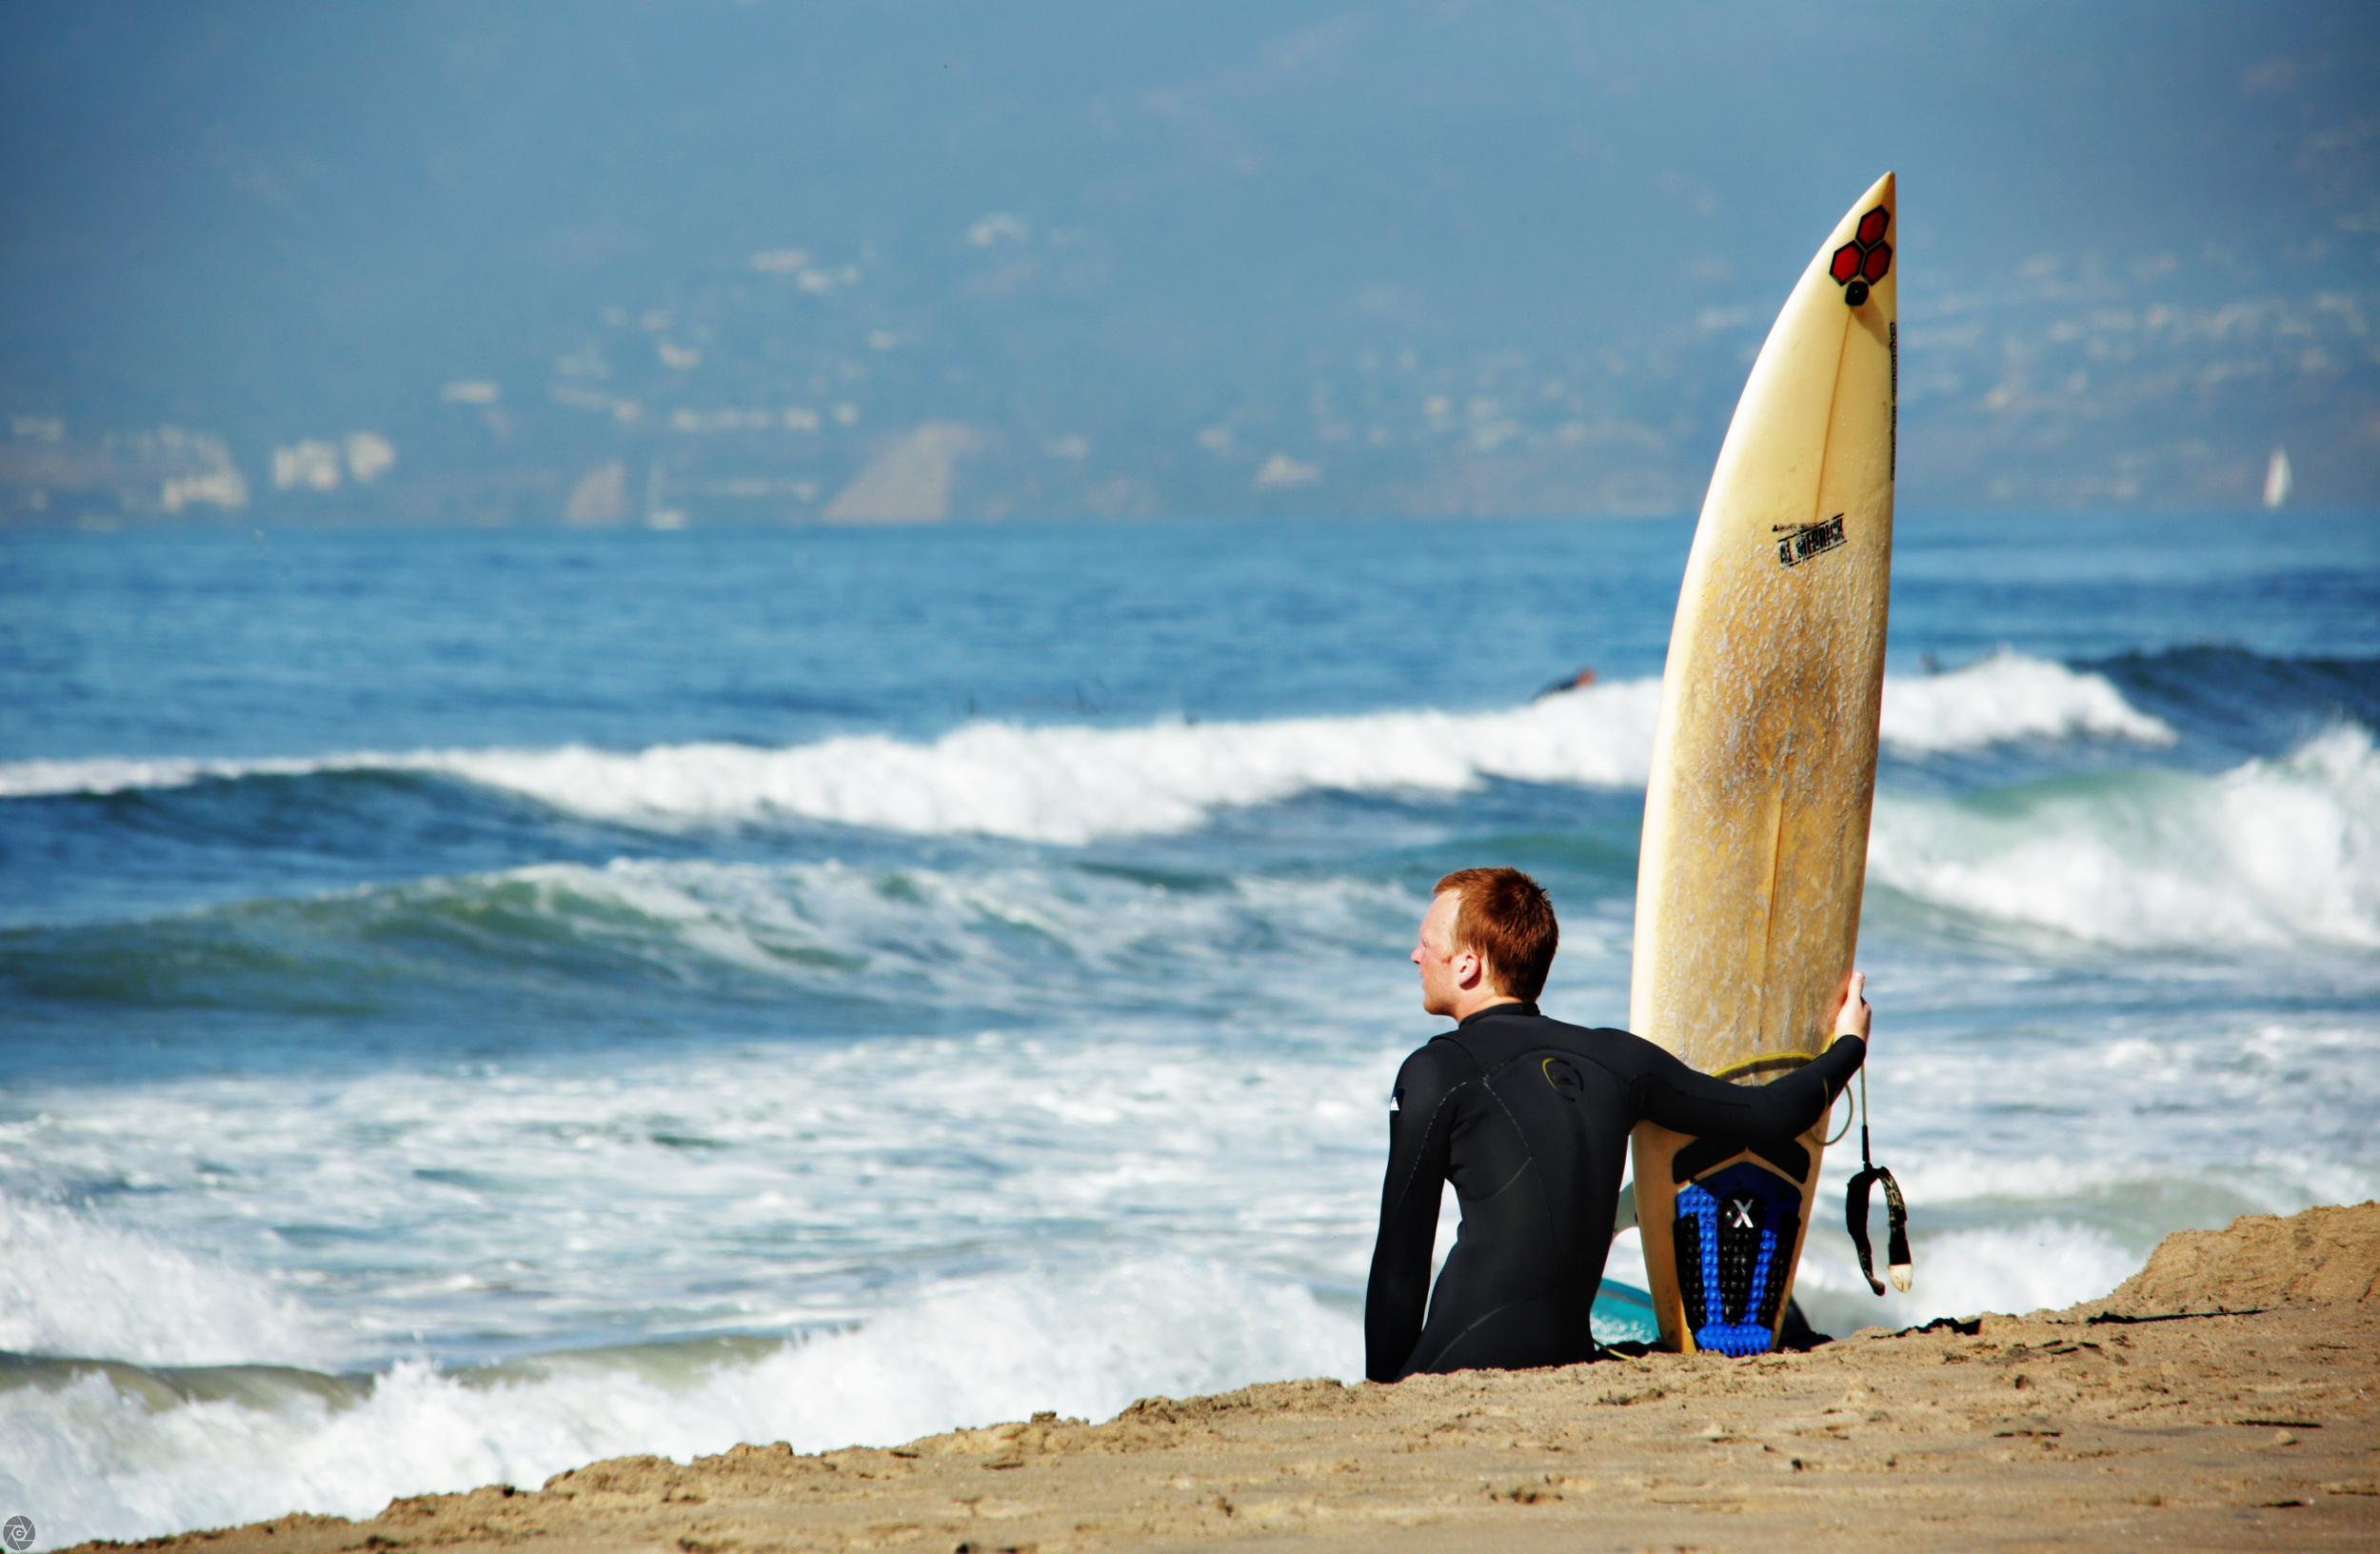 SurferWatchesWavesALMERREK.jpg